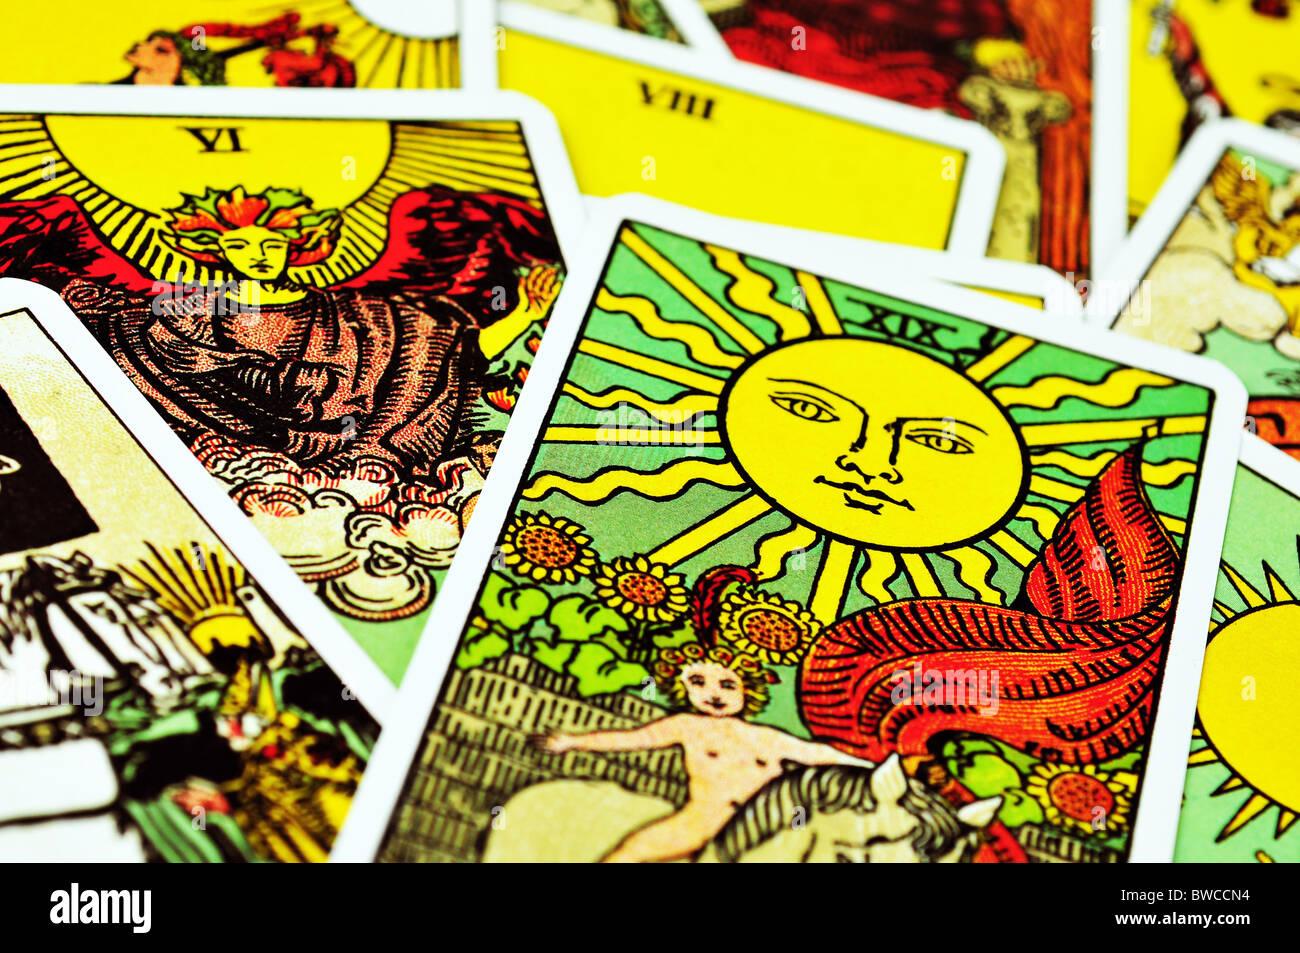 Tarot cards - Stock Image